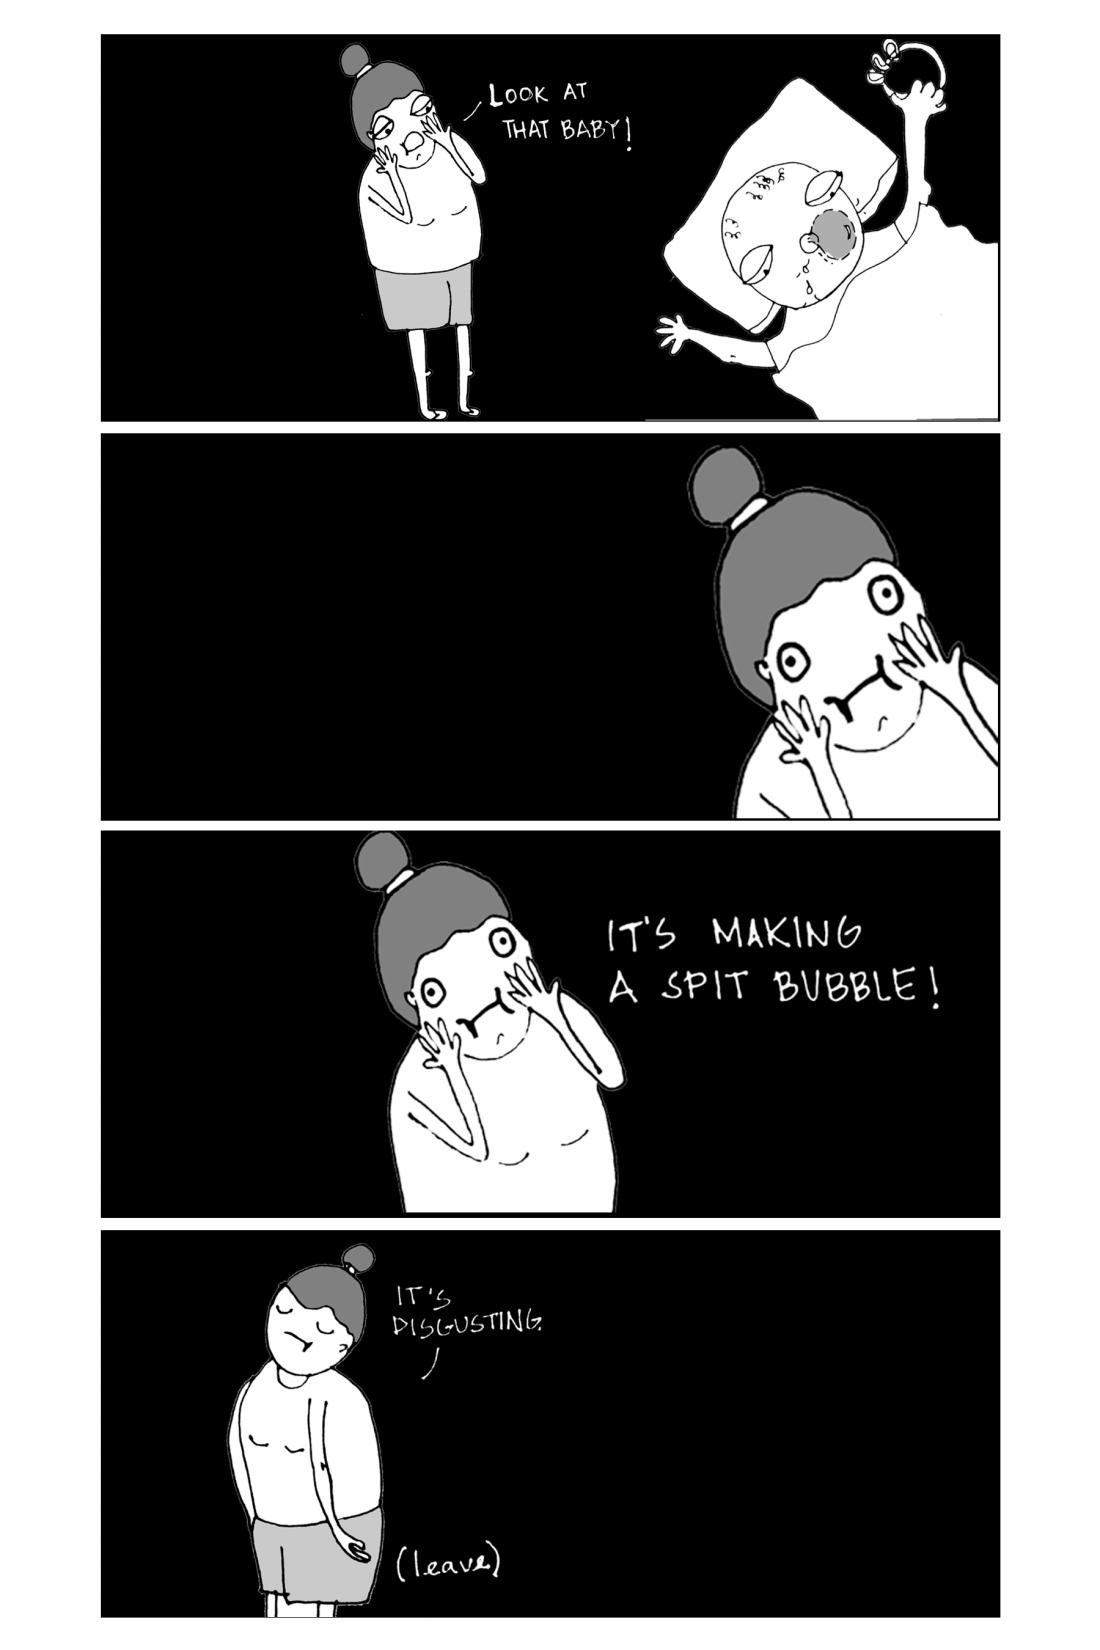 02_COMIX